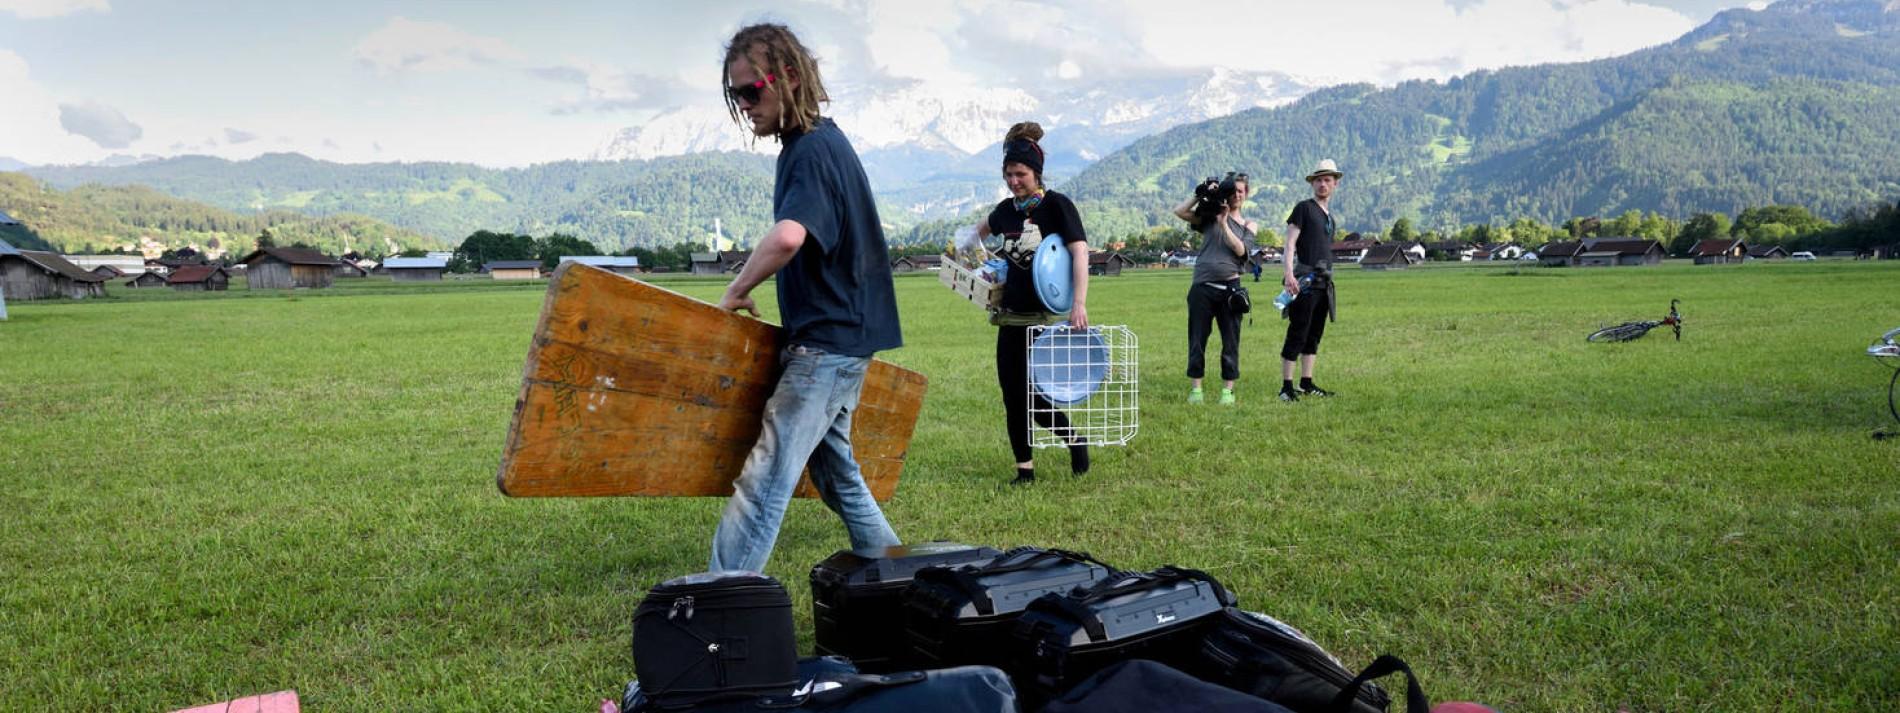 München und Garmisch-Partenkirchen tabu für amerikanische Soldaten